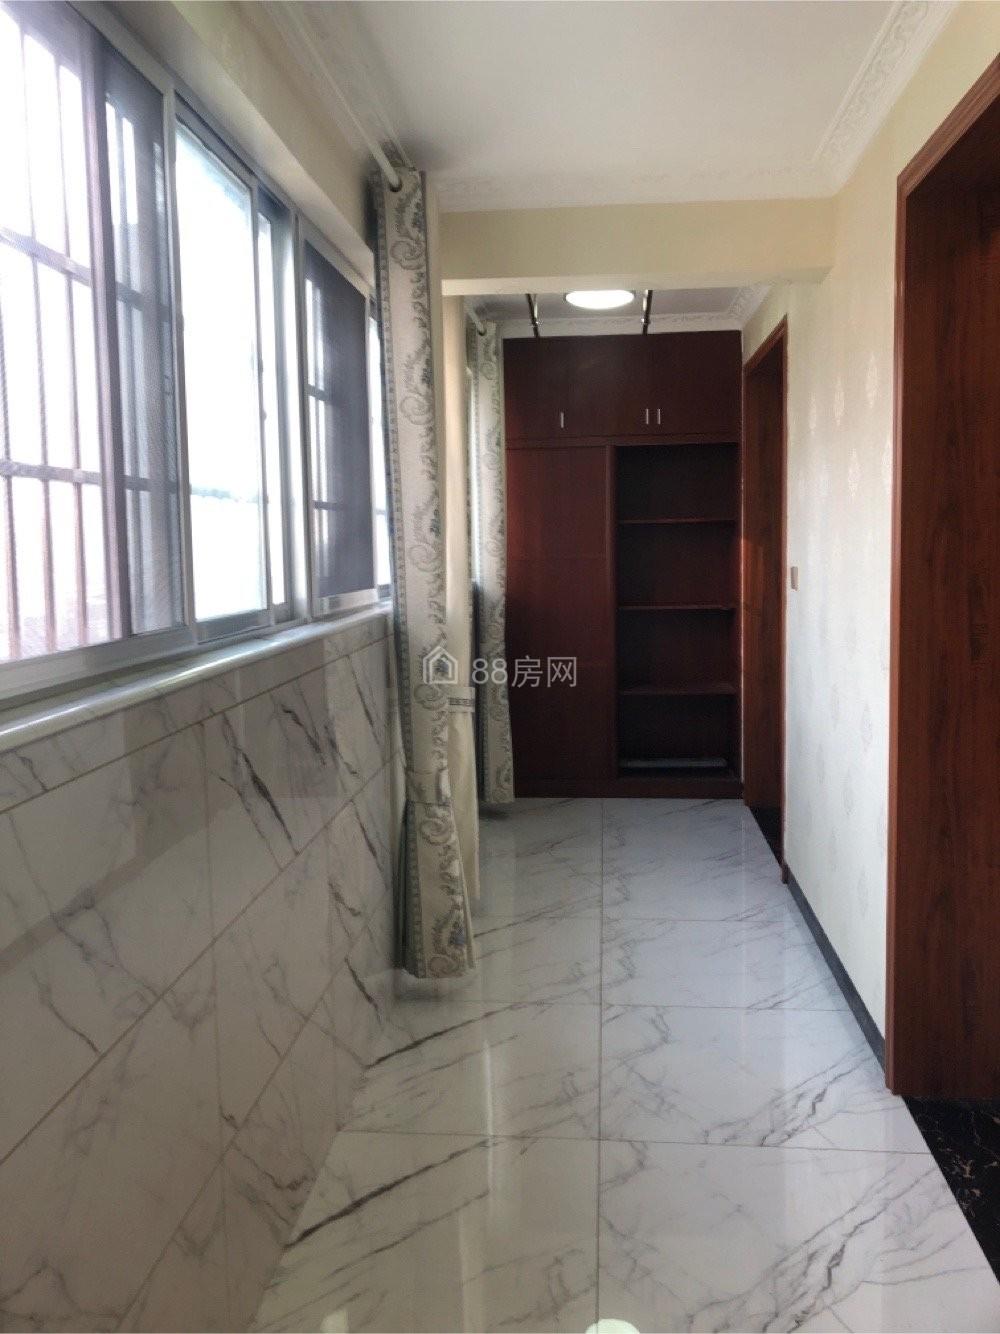 大汉龙城旁学林雅园电梯房140平米房东自住精装四房出售